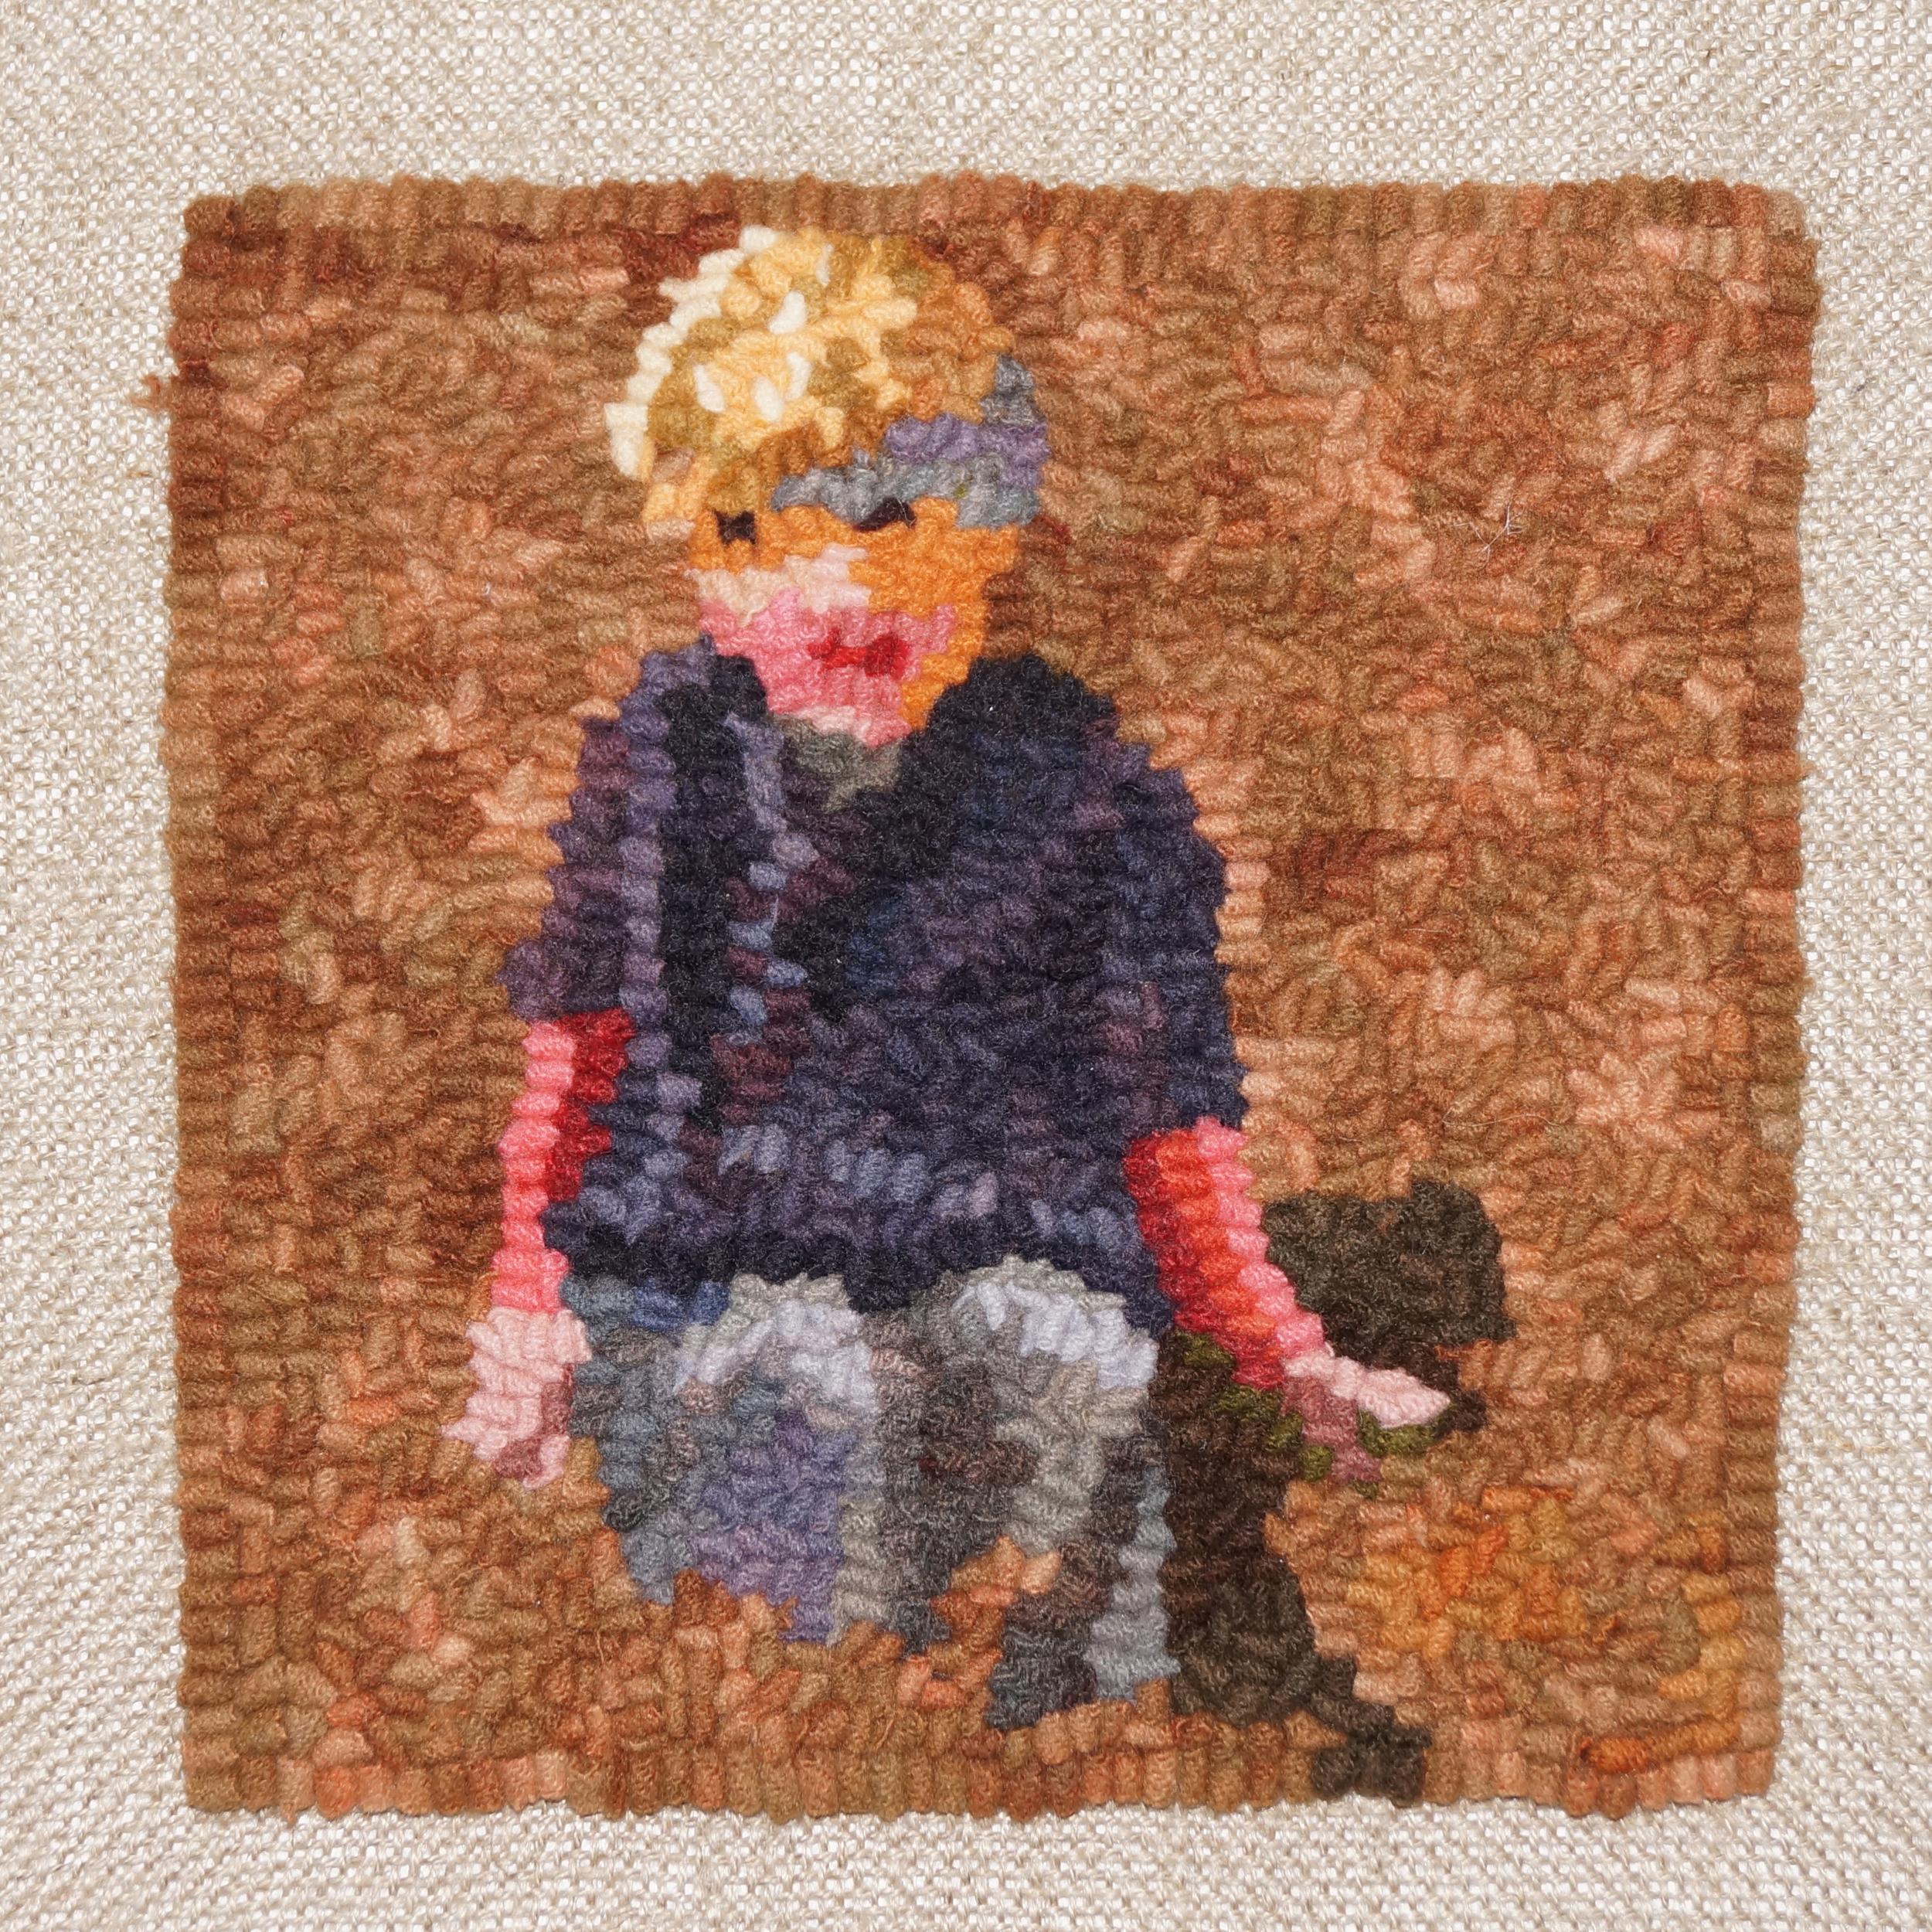 Sandy Boy-#8 in Nine series.jpg